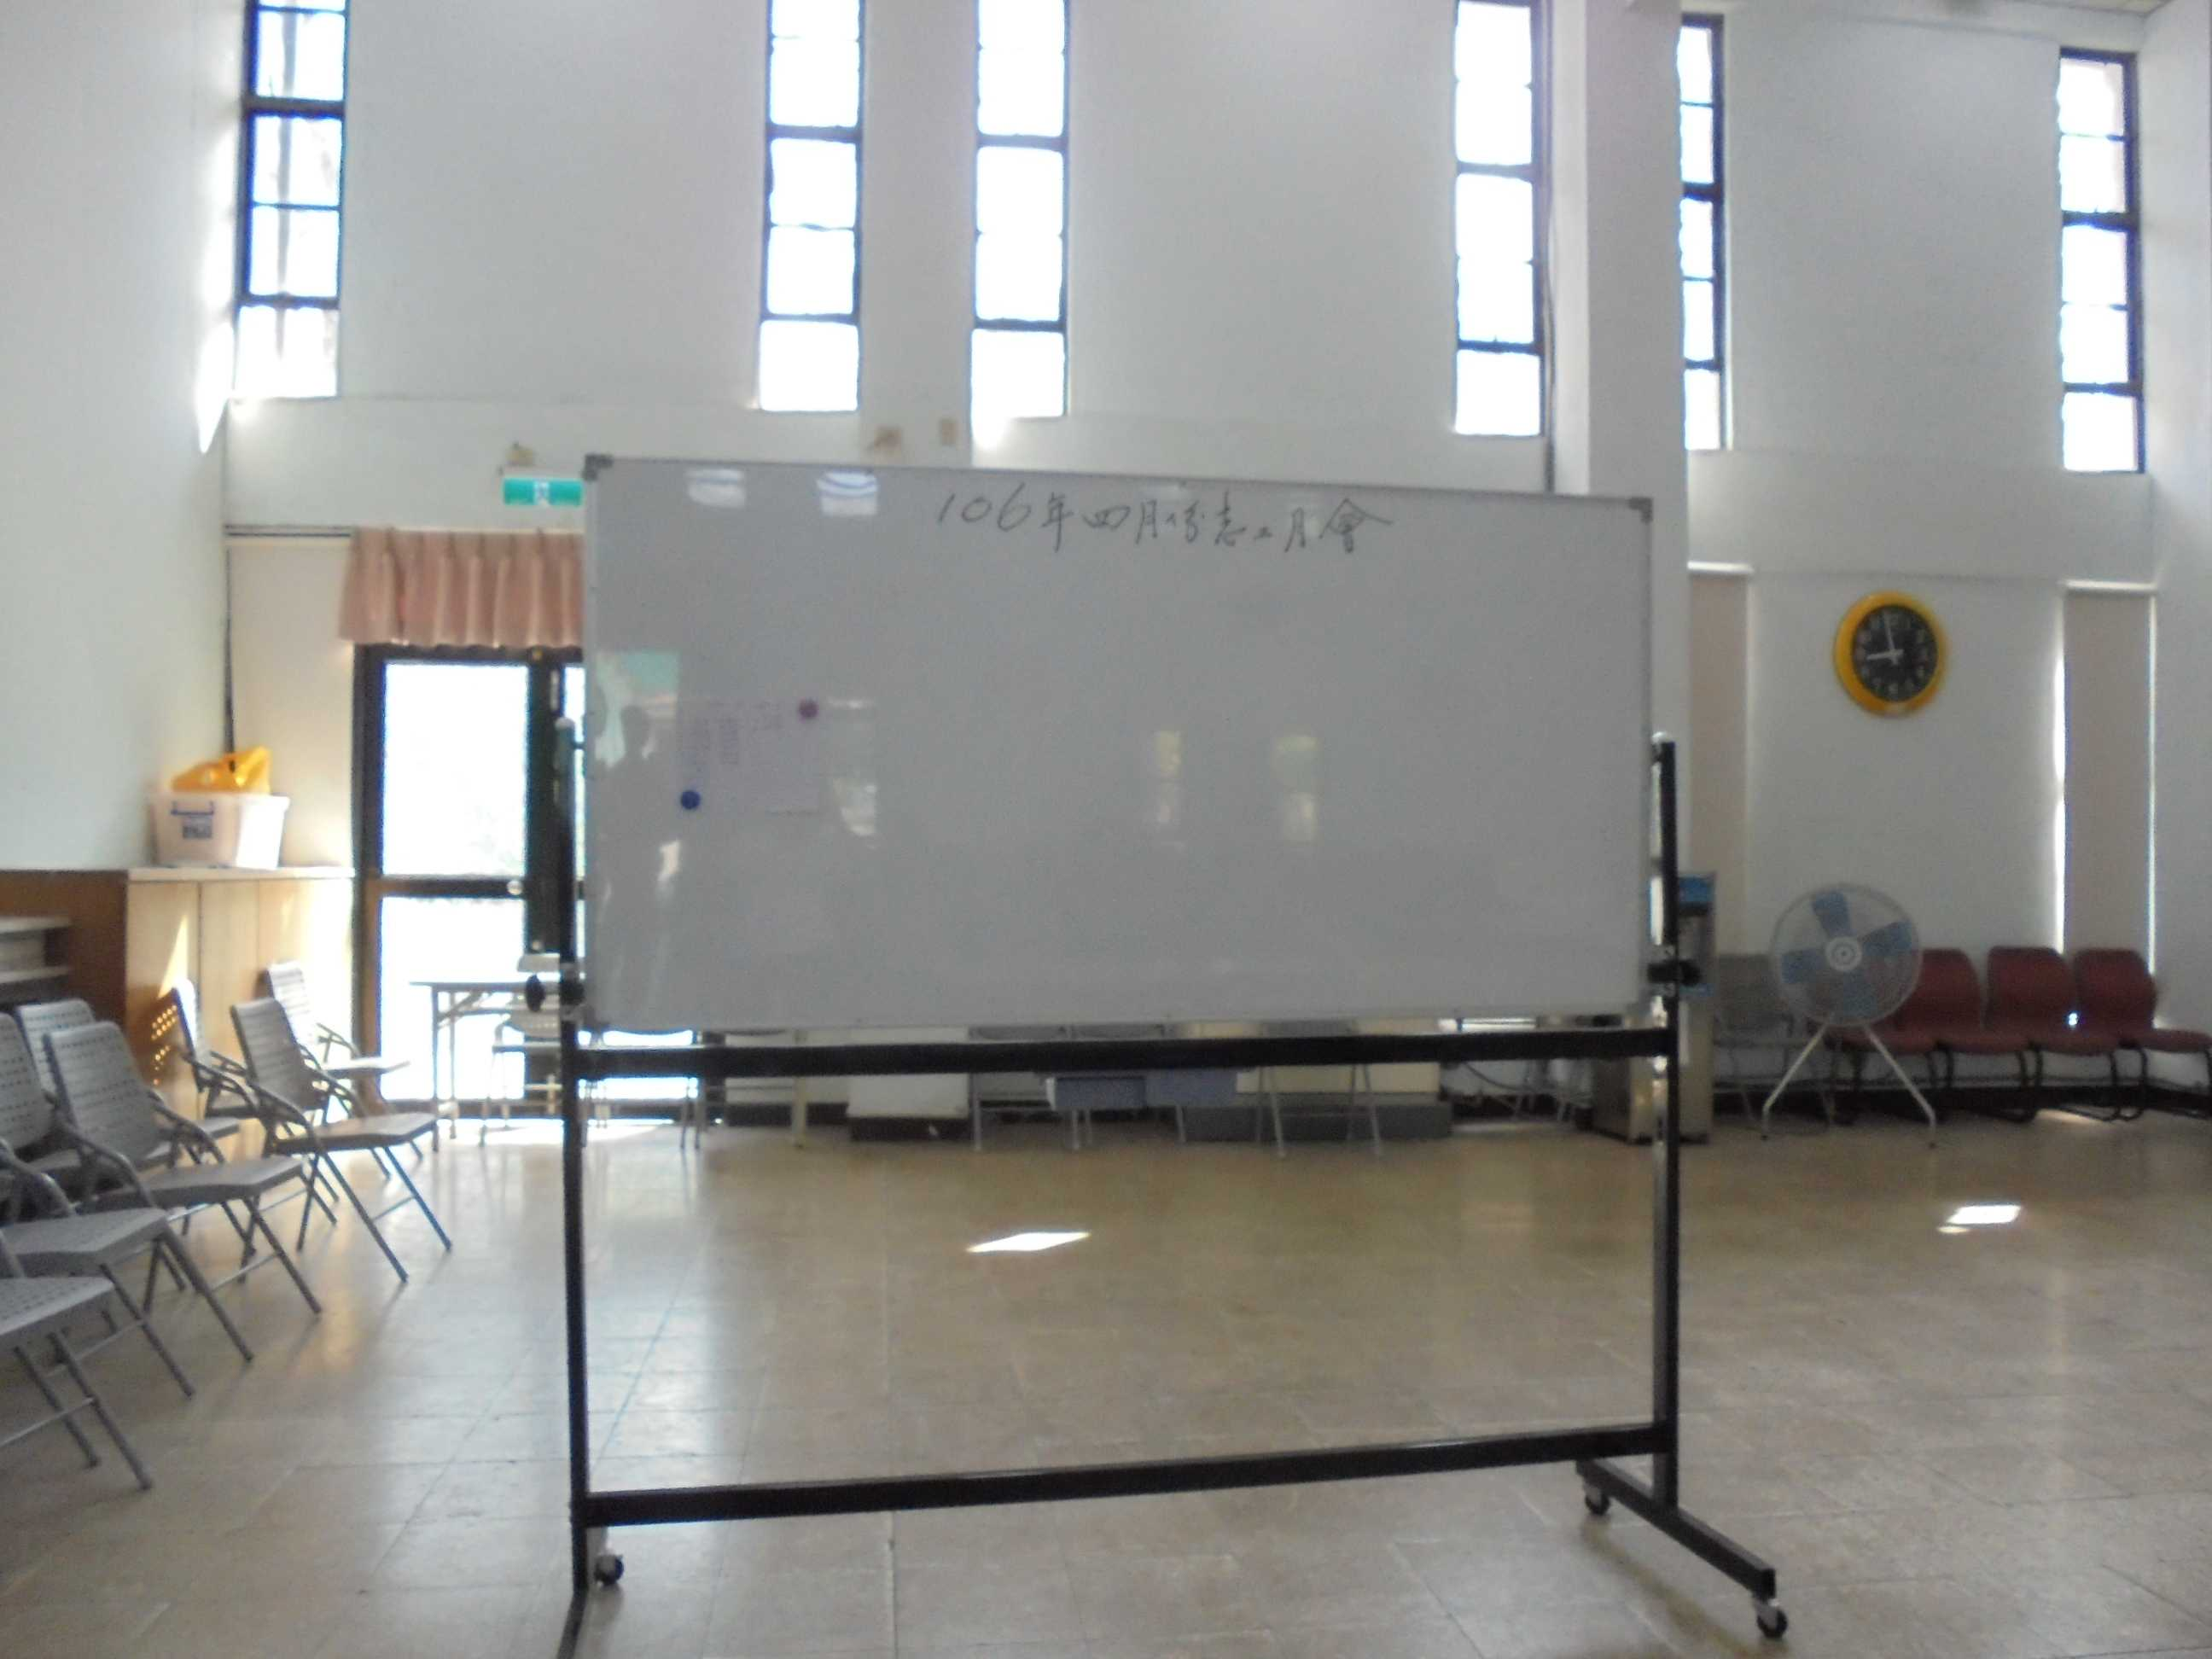 高雄市鳳山老人活動中心106年4月份志工月會